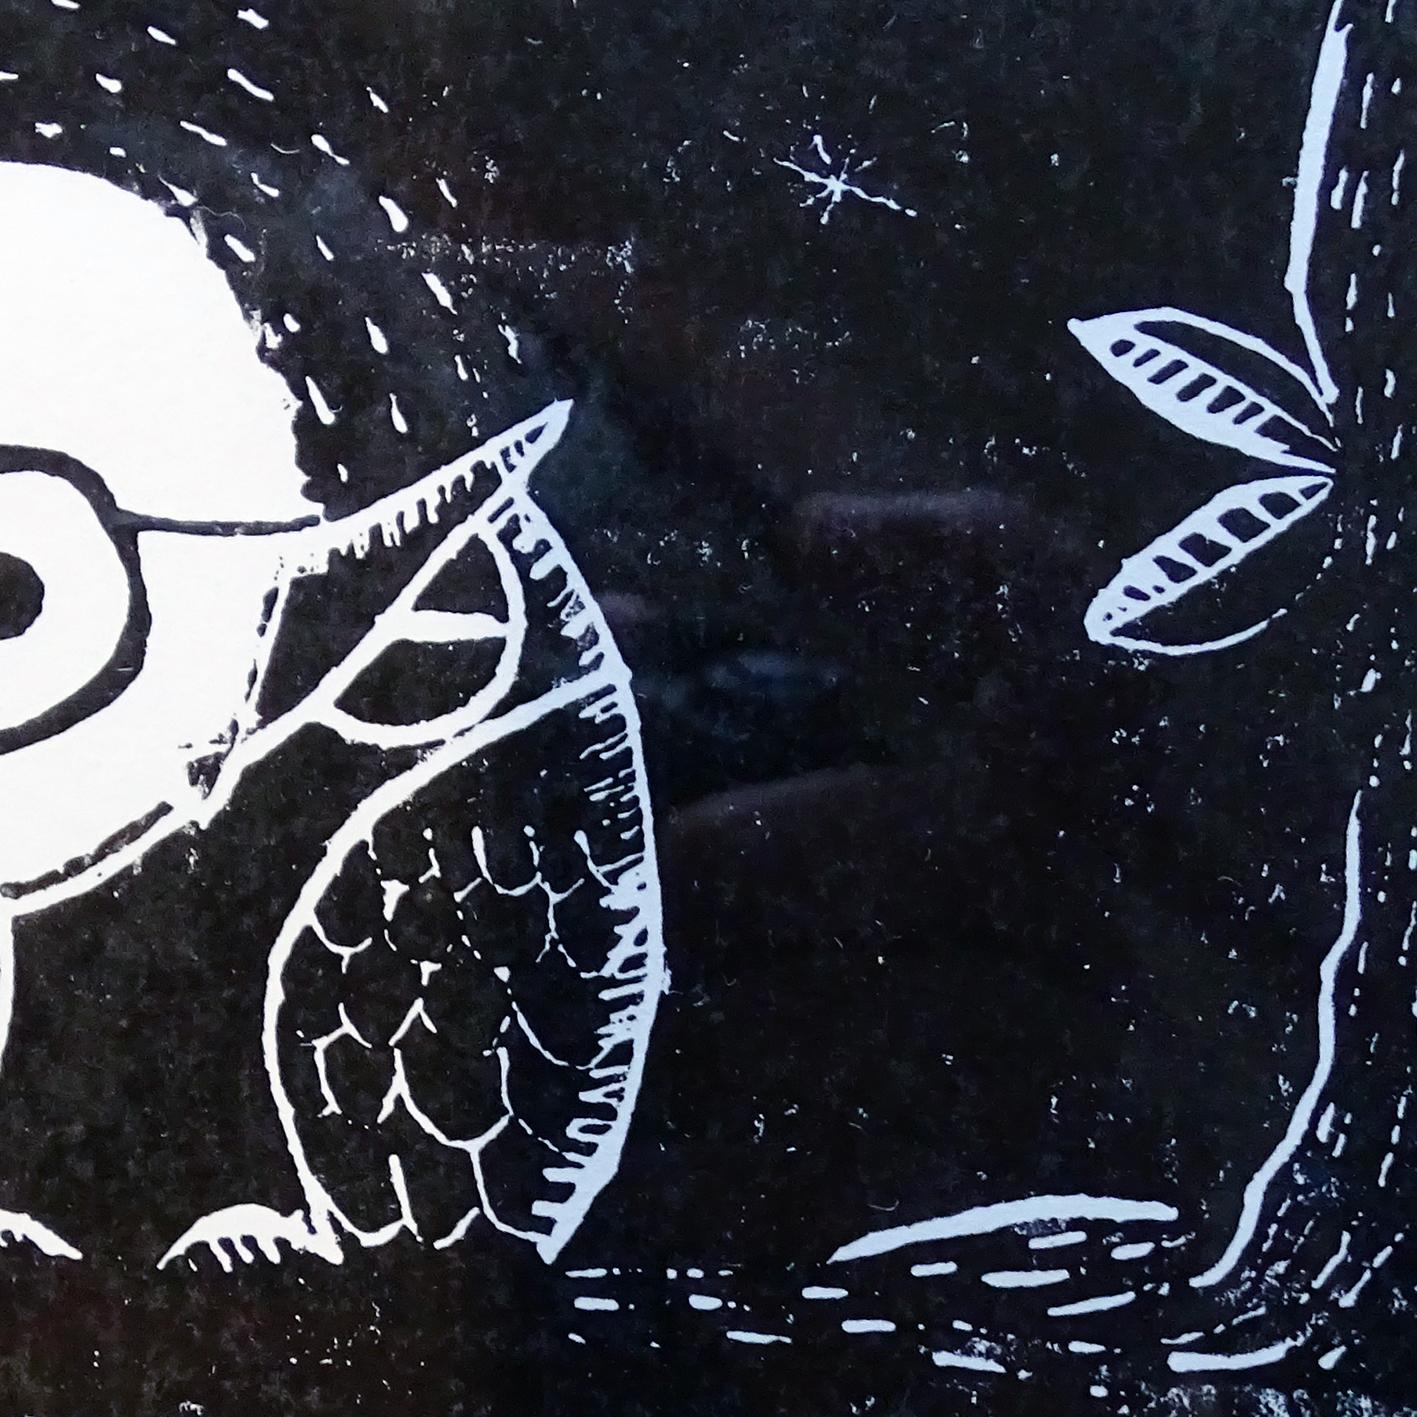 """""""Insomnie de pleine lune"""" détail ©Julia Ratsimandresy / Linogravure encre noire sur papier / 60€ hors fdp"""